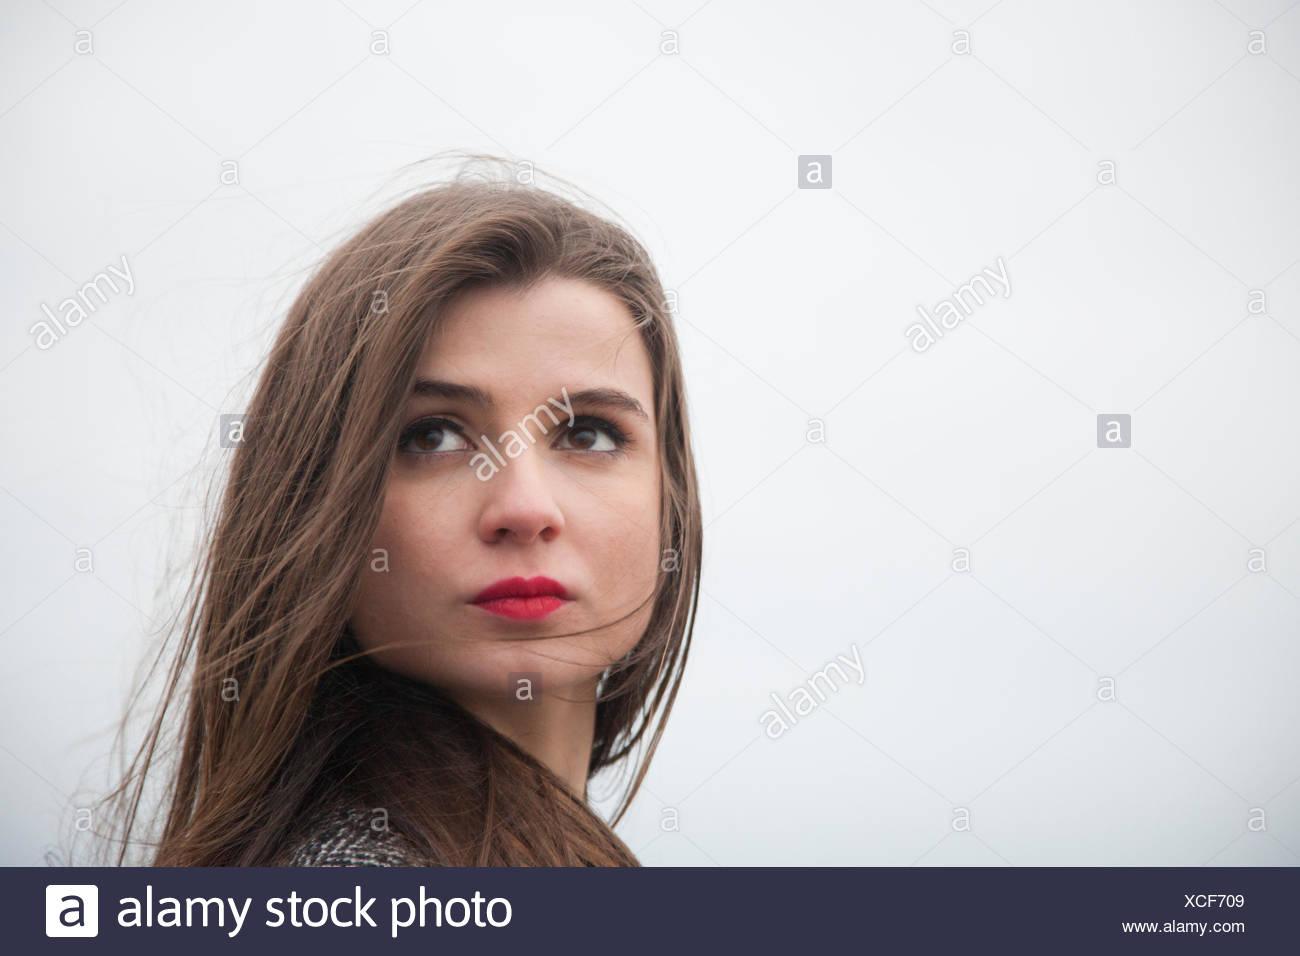 Porträt einer jungen Frau mit langen Haaren Stockbild